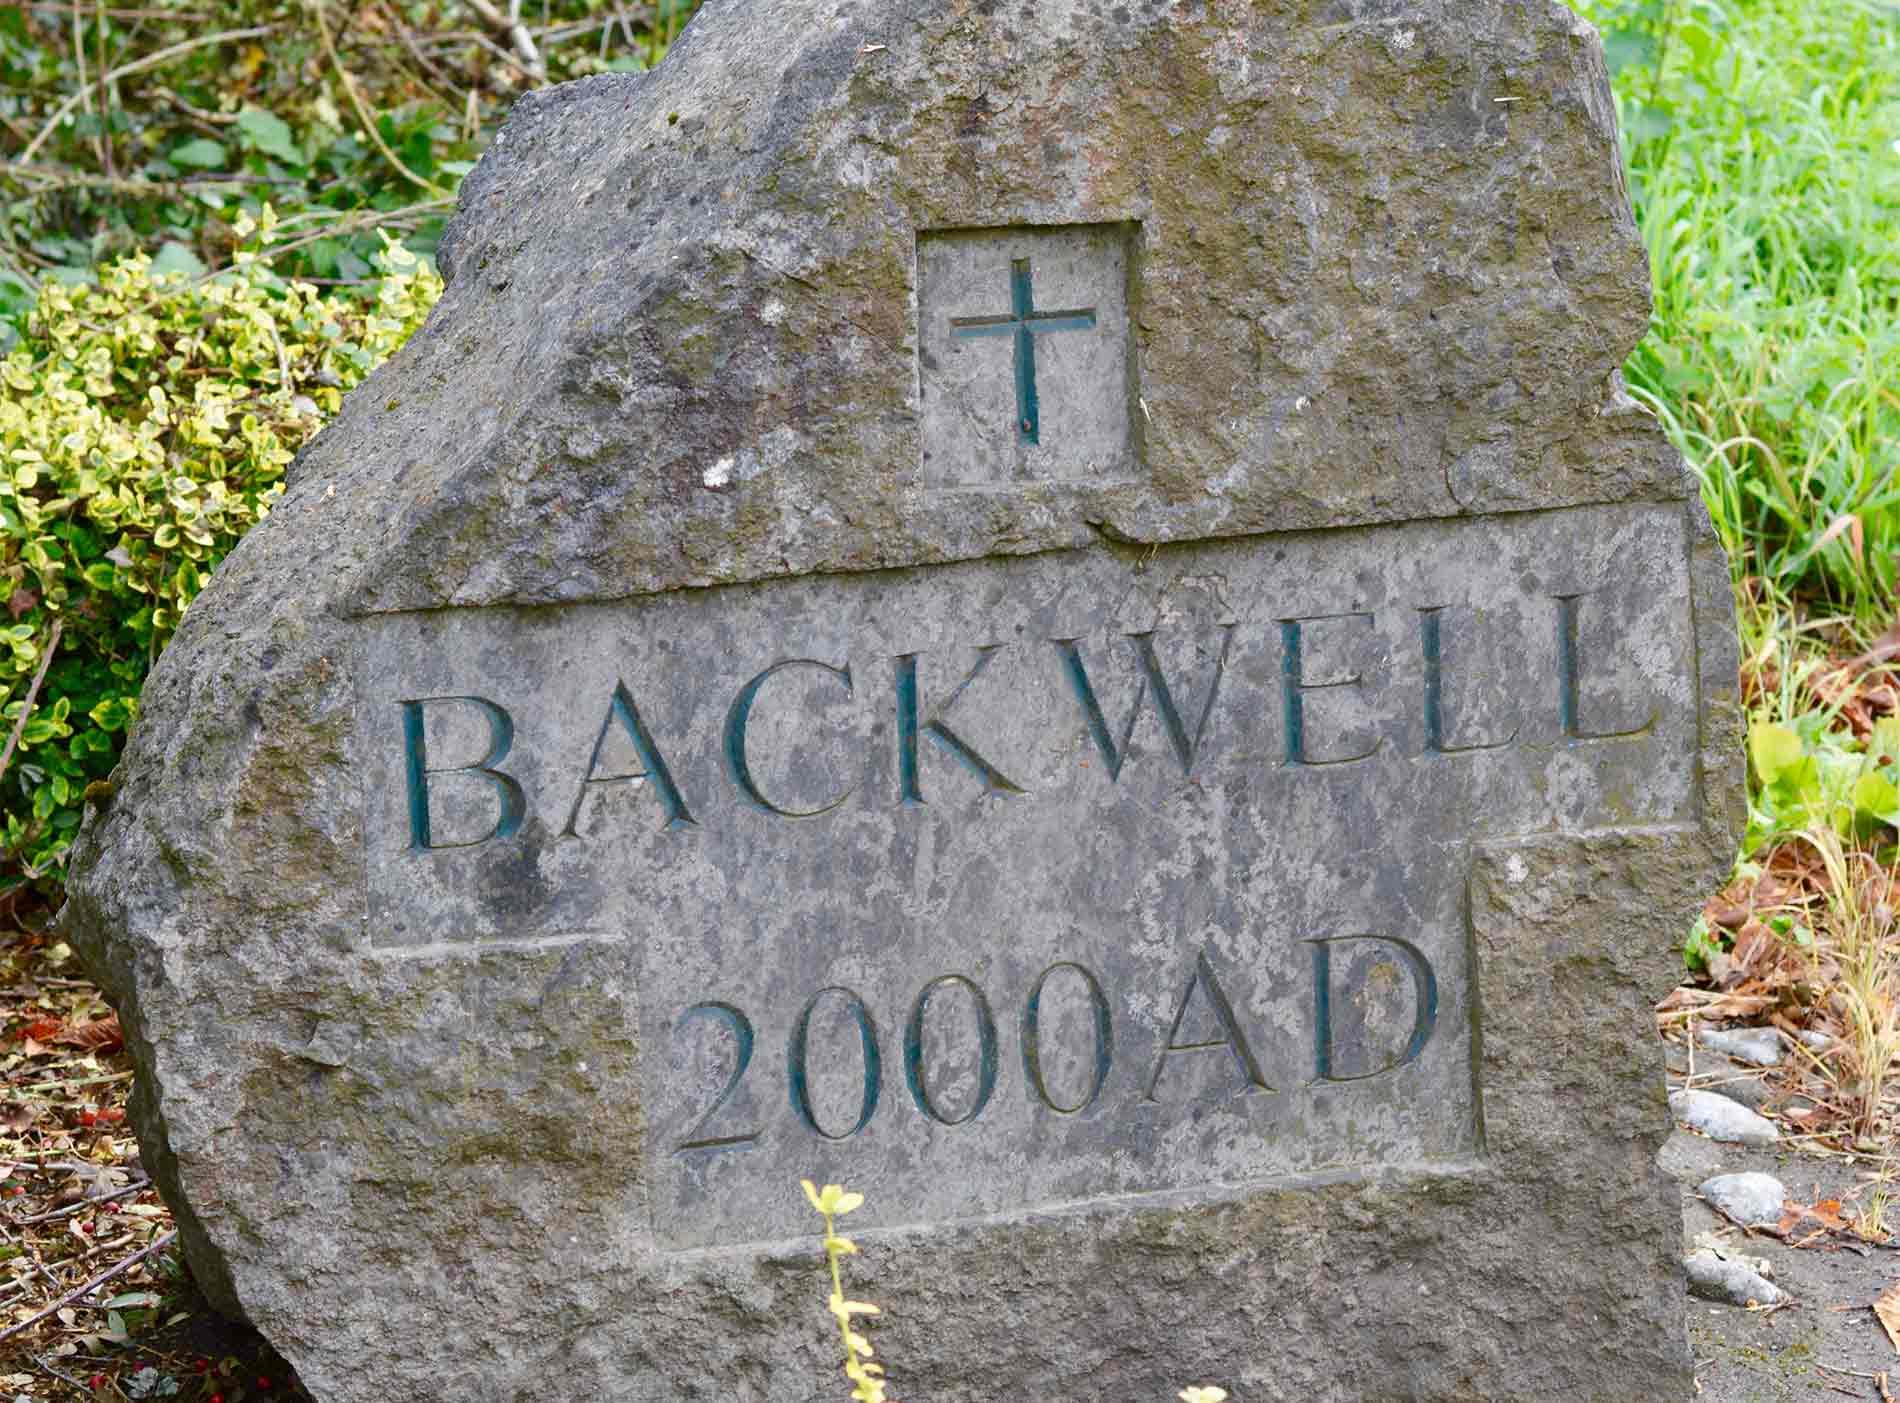 Backwell Stone